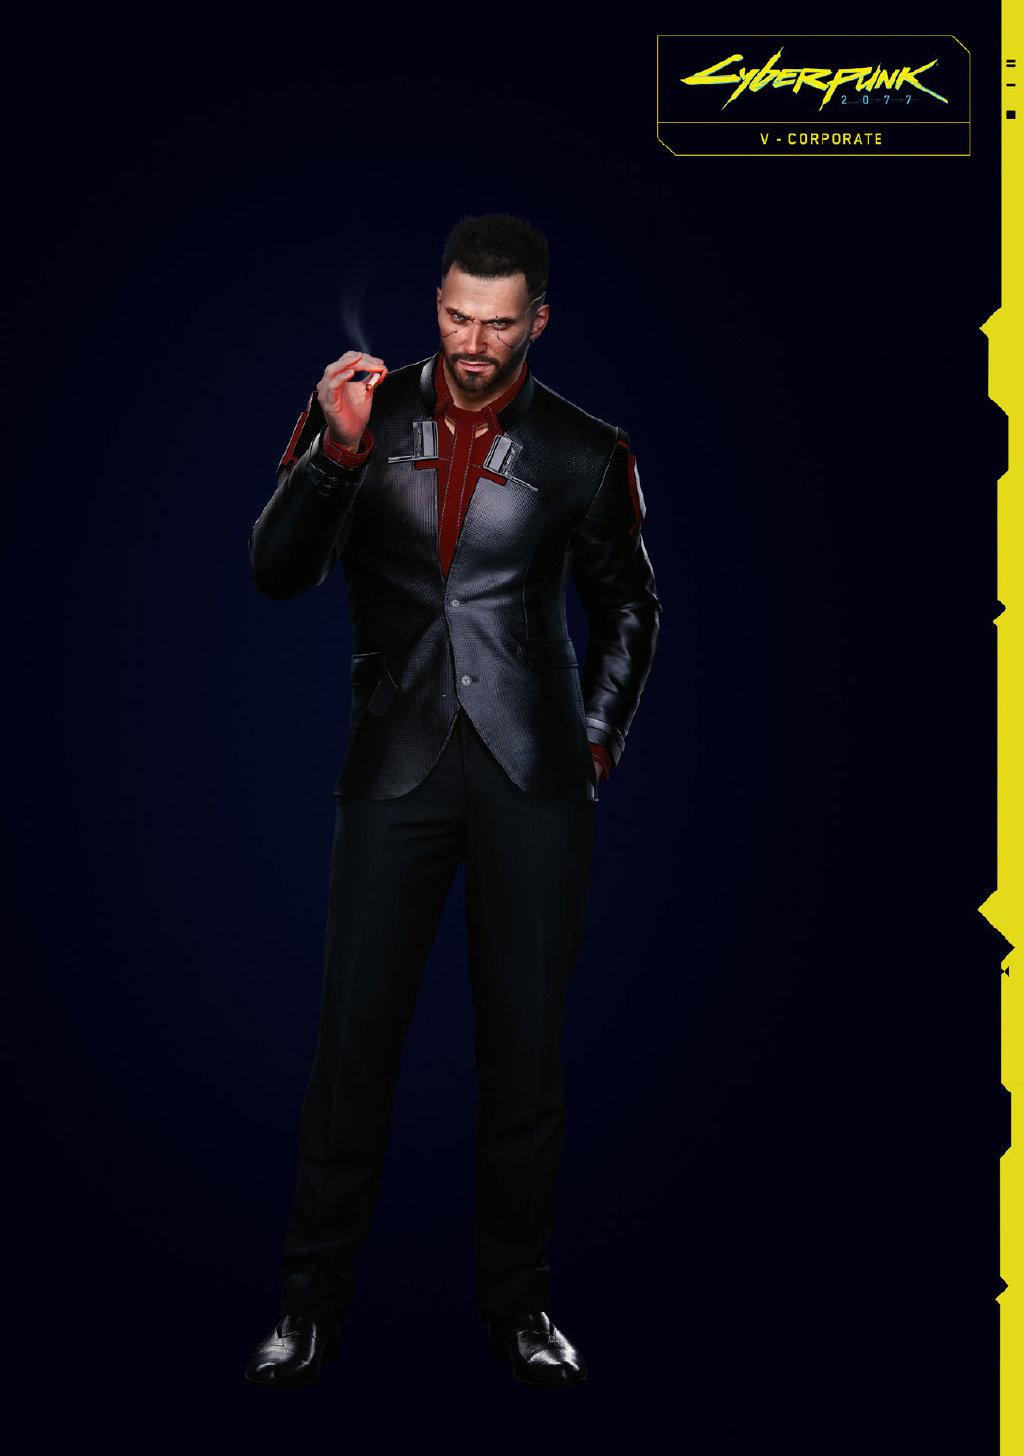 《赛博朋克2077》发布新图 主角V制服形象公开